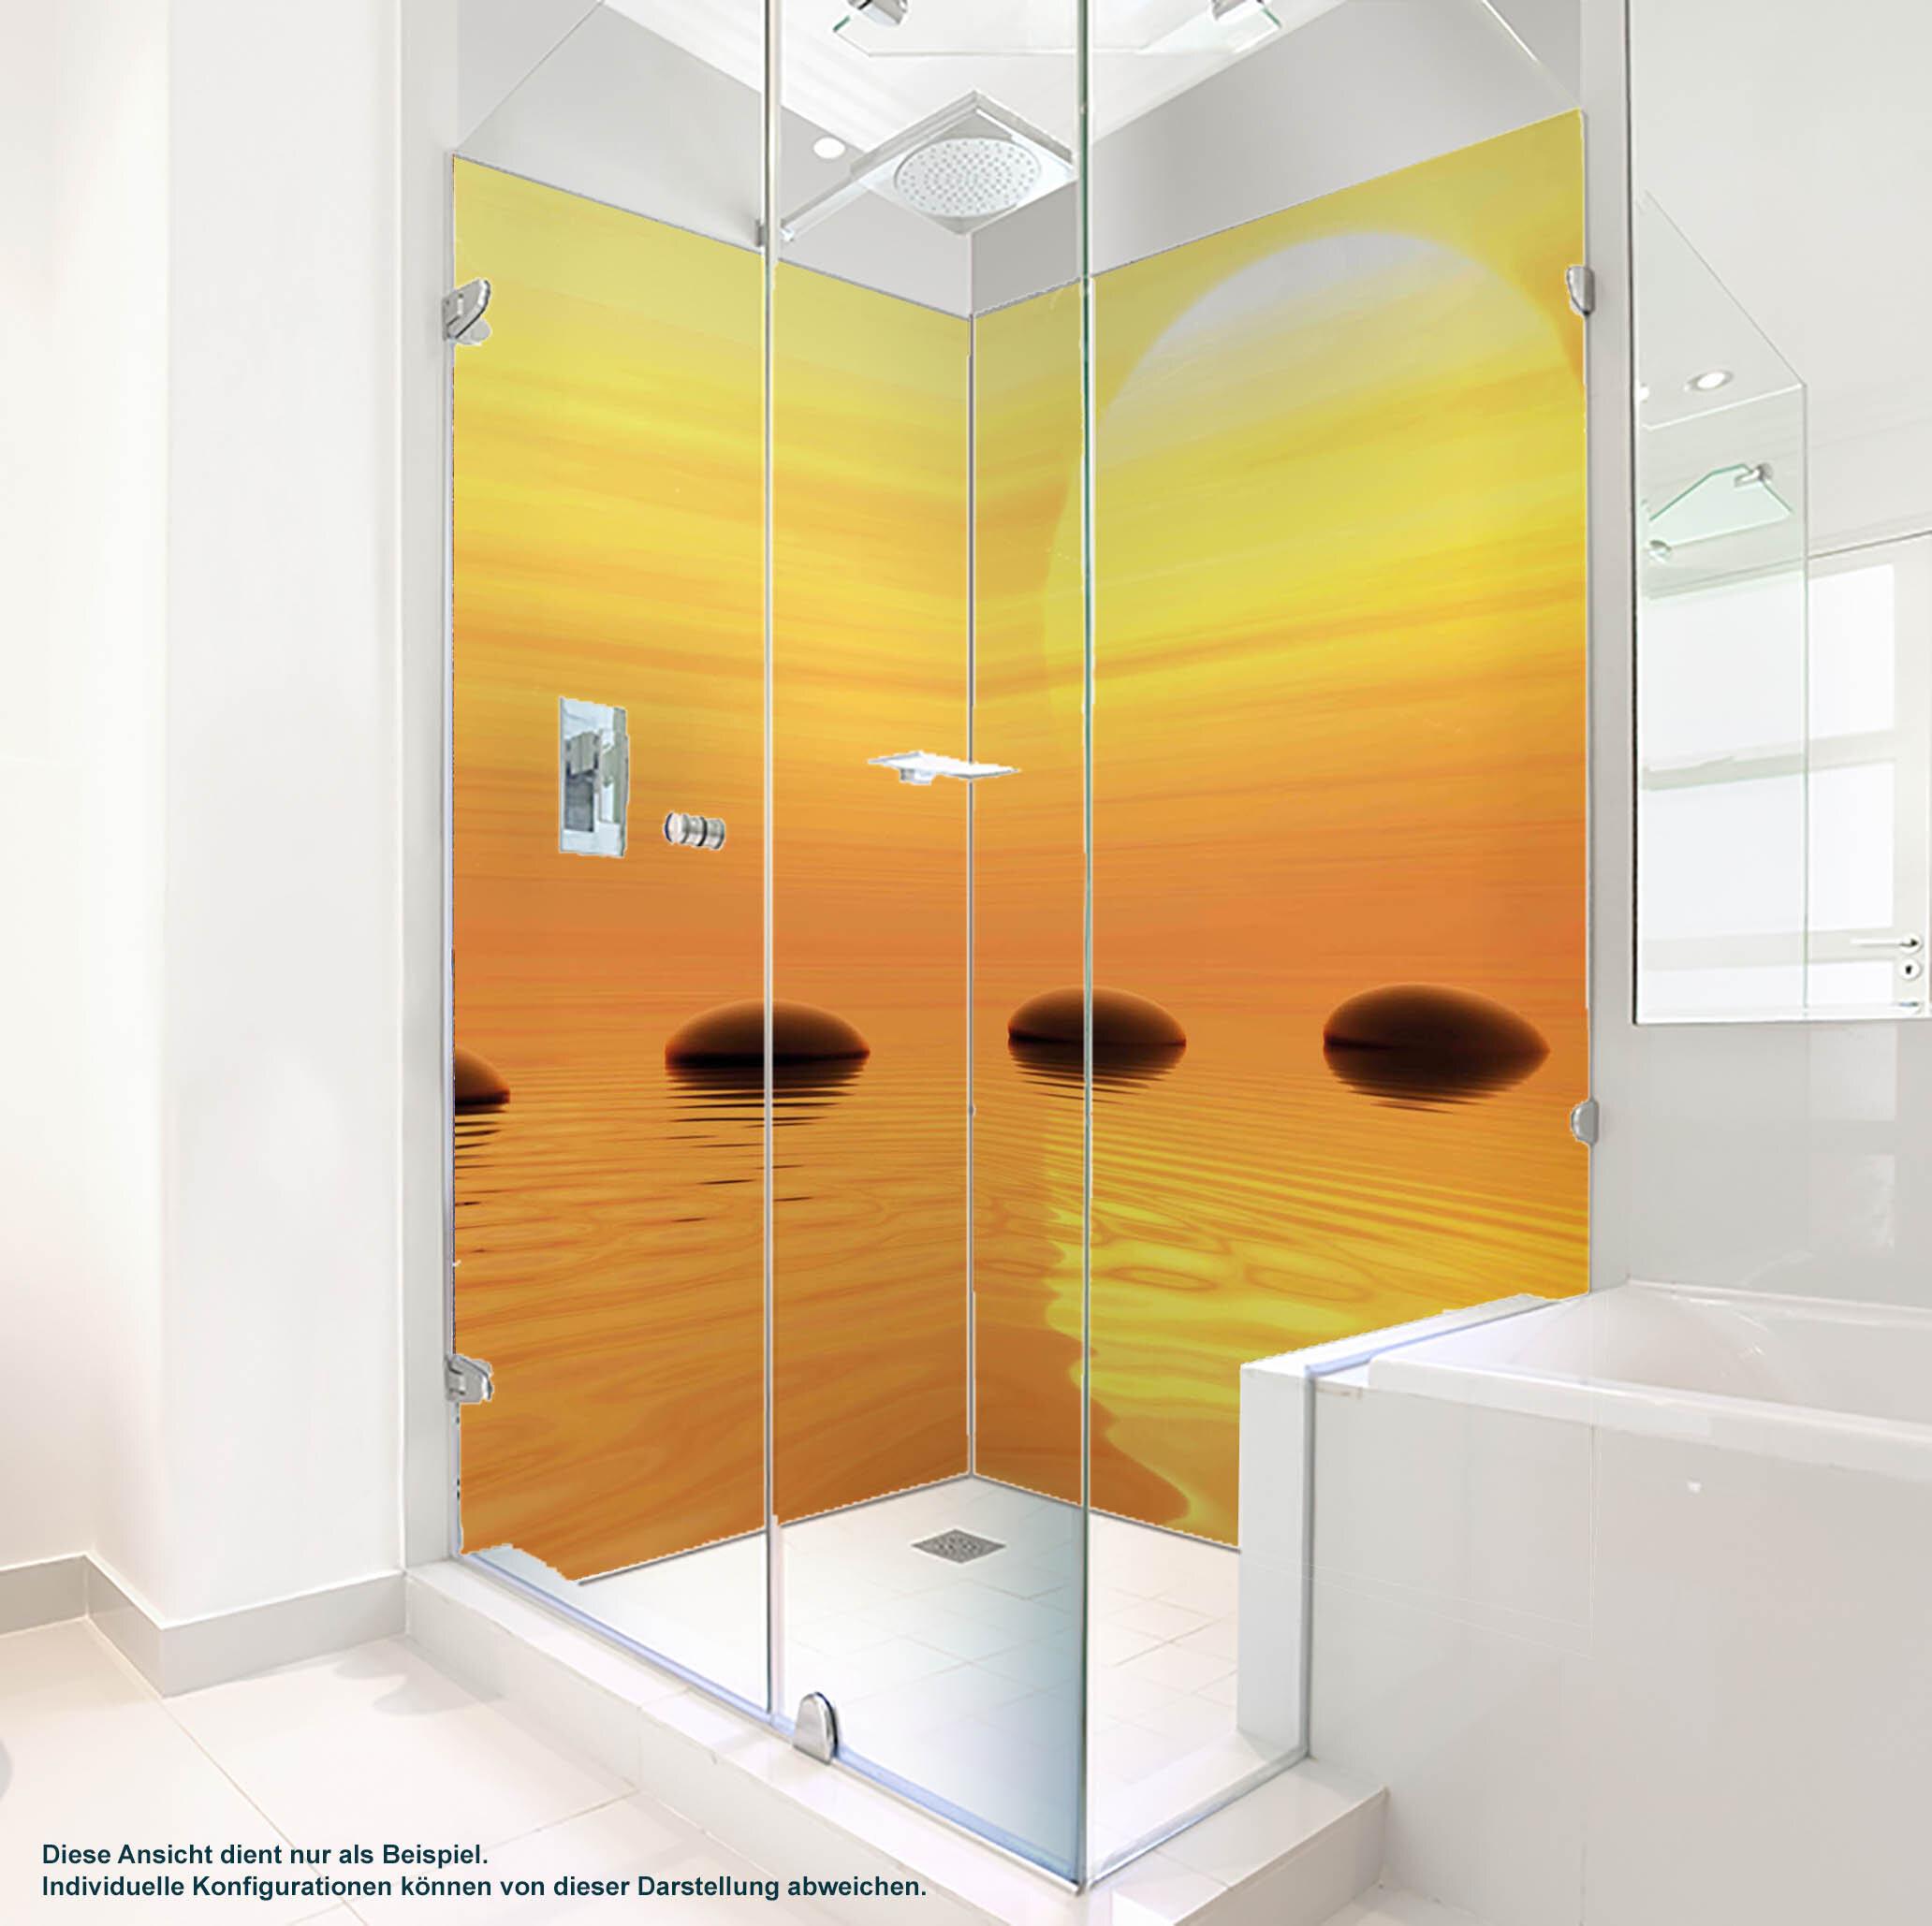 Dusche PlateART Duschrückwand mit Motiv Wellness ZEN Steine Wasser